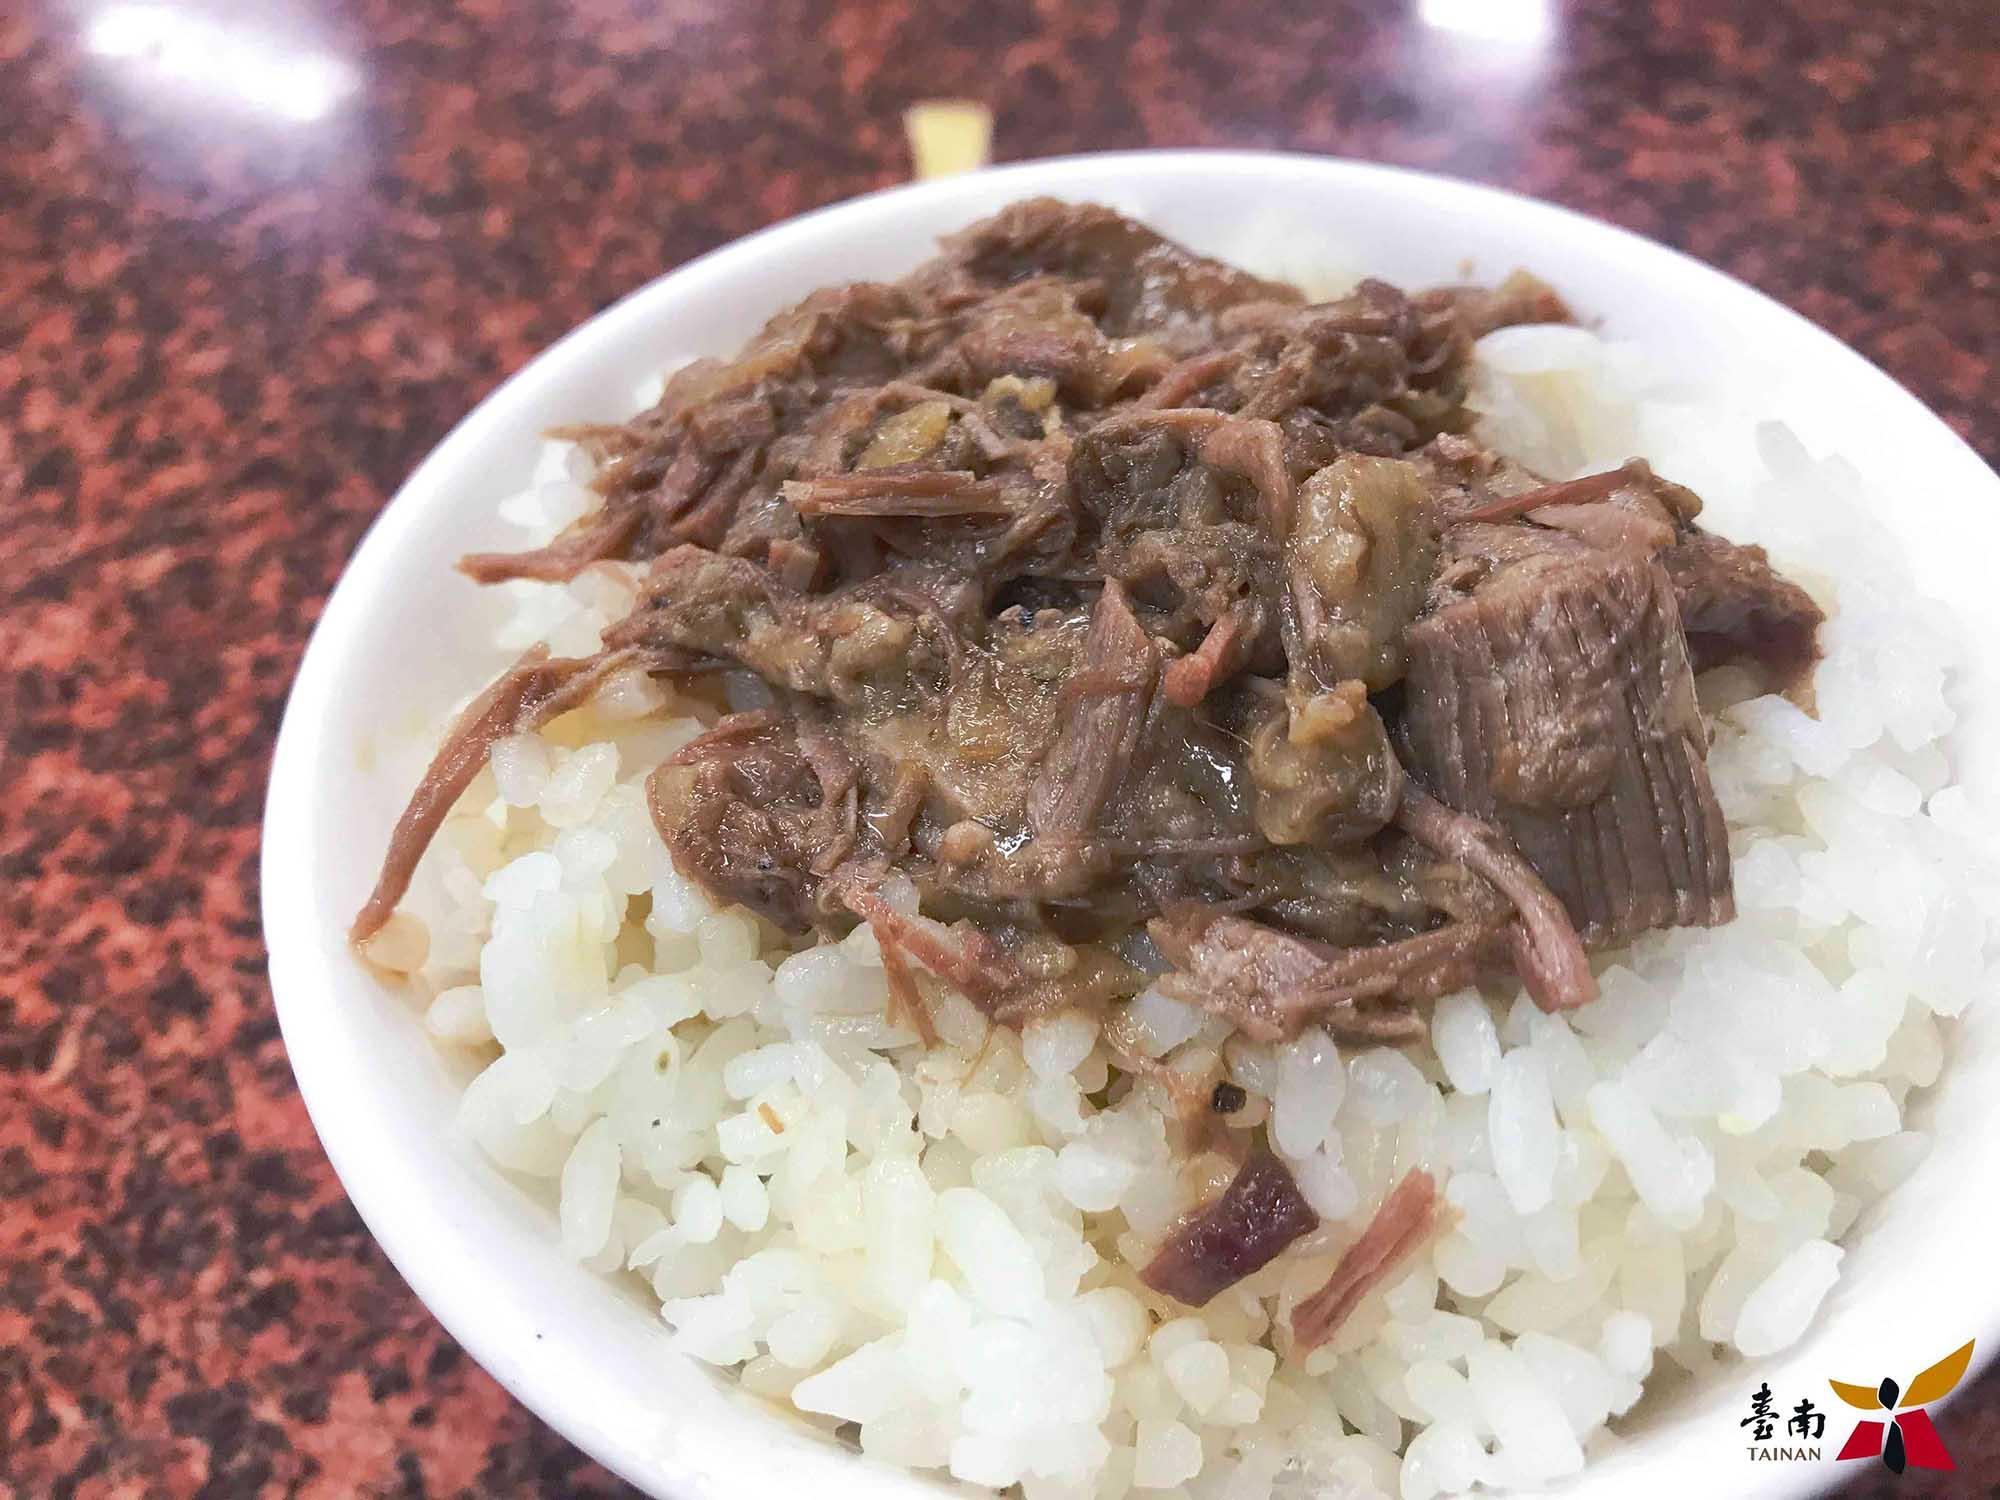 台南肉燥飯-Mytainan-10